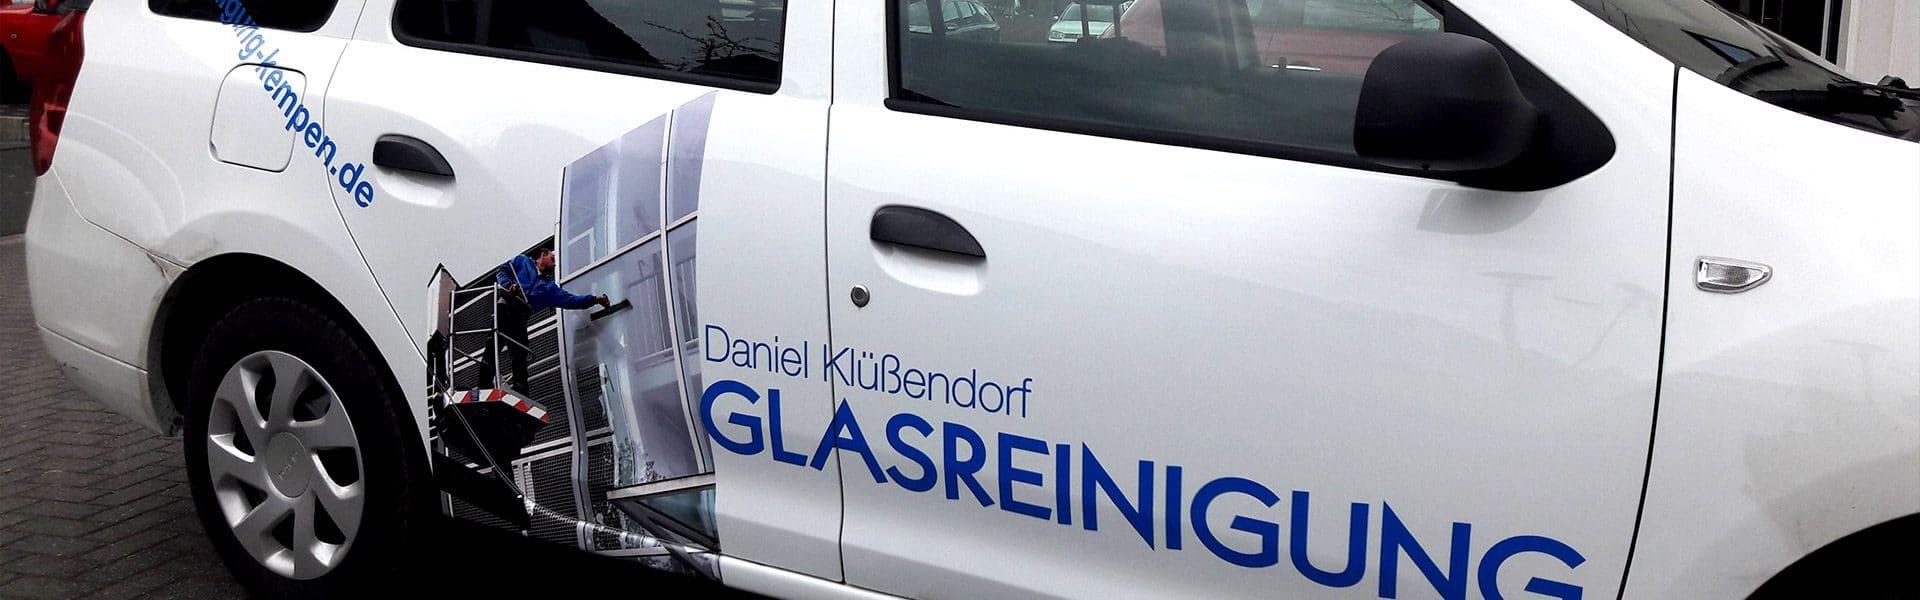 Firmenfahrzeug der Firma Klüßendorf